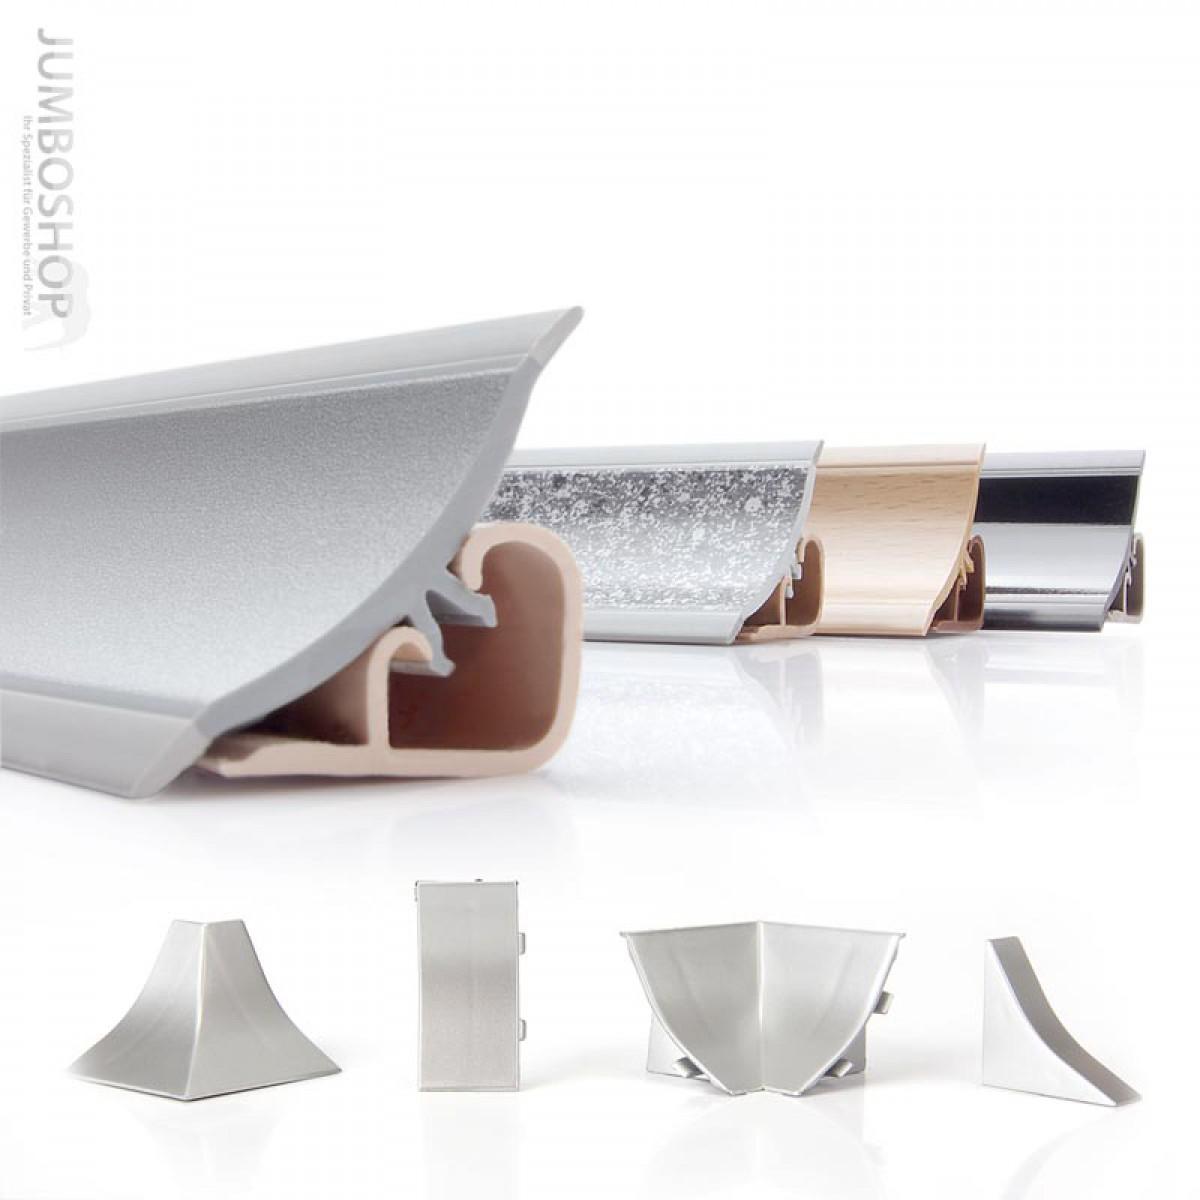 Ikea Küchenleiste Arbeitsplatte ~ küchenleiste arbeitsplatte dockarm com